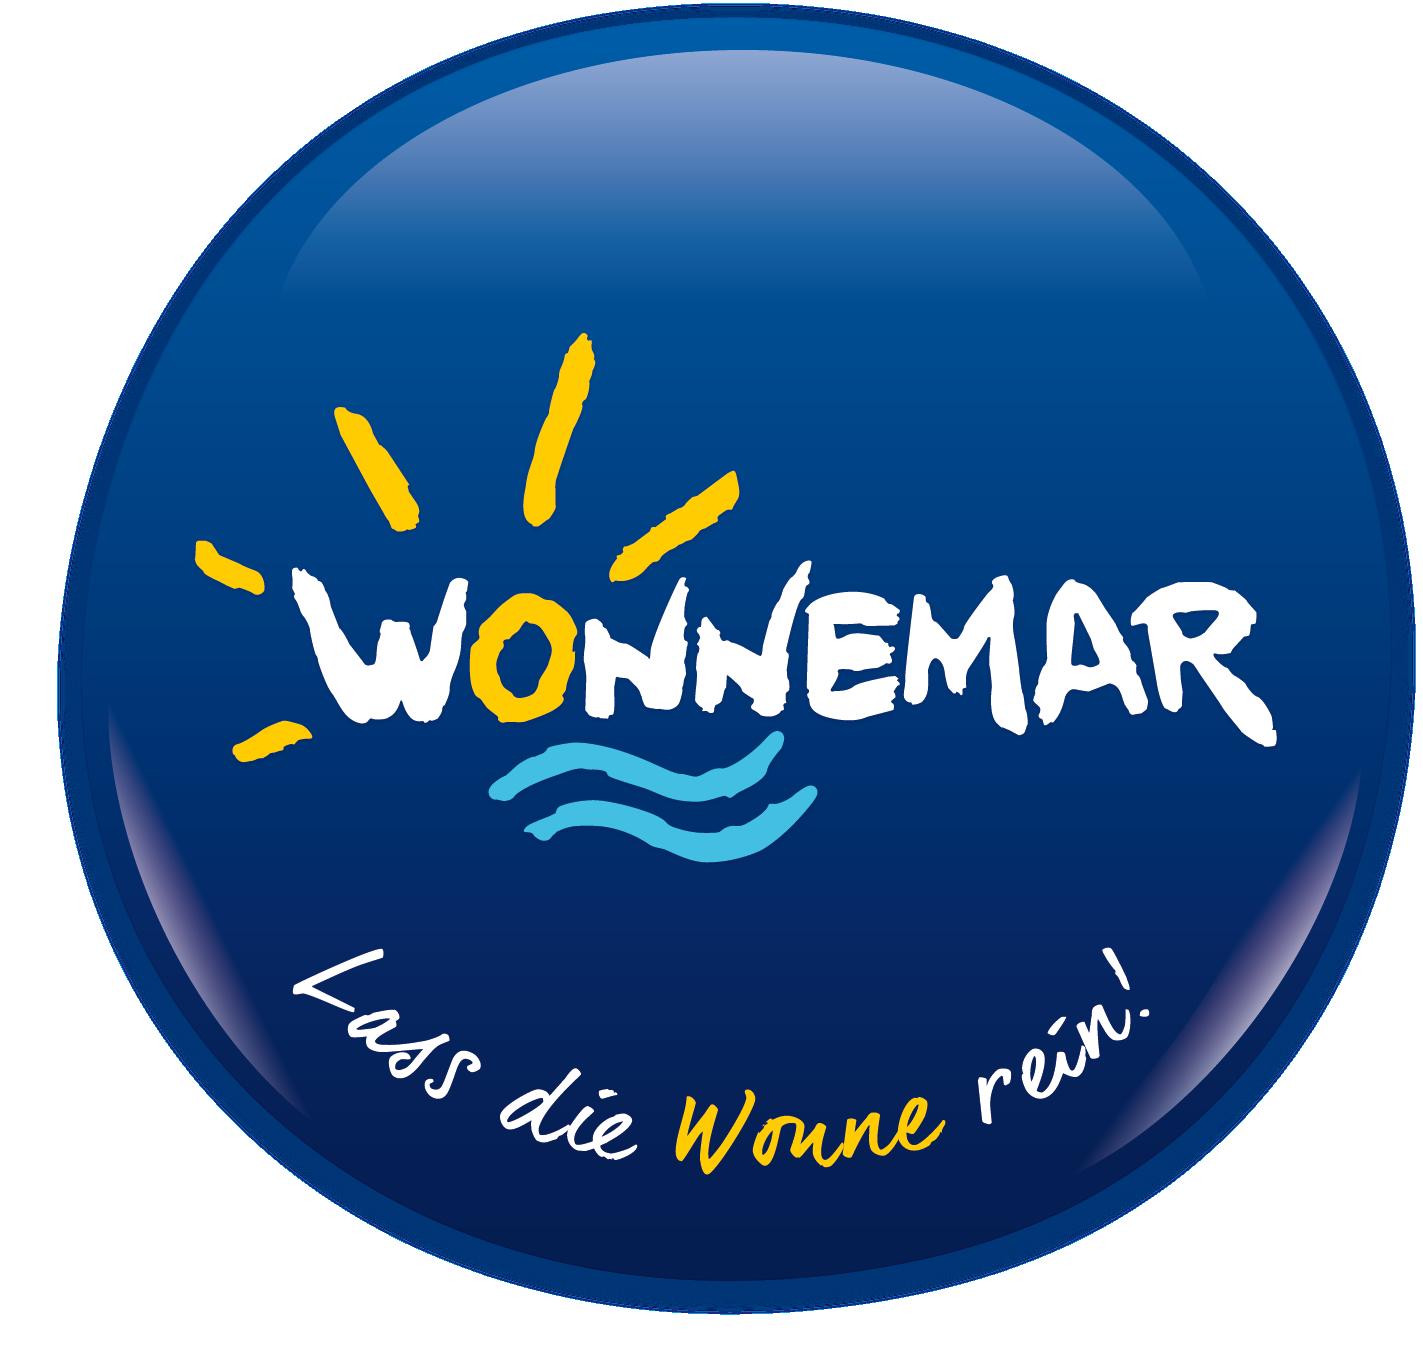 Thermengutschein Wonnemar Wismar Erlebnisbad online kauufen